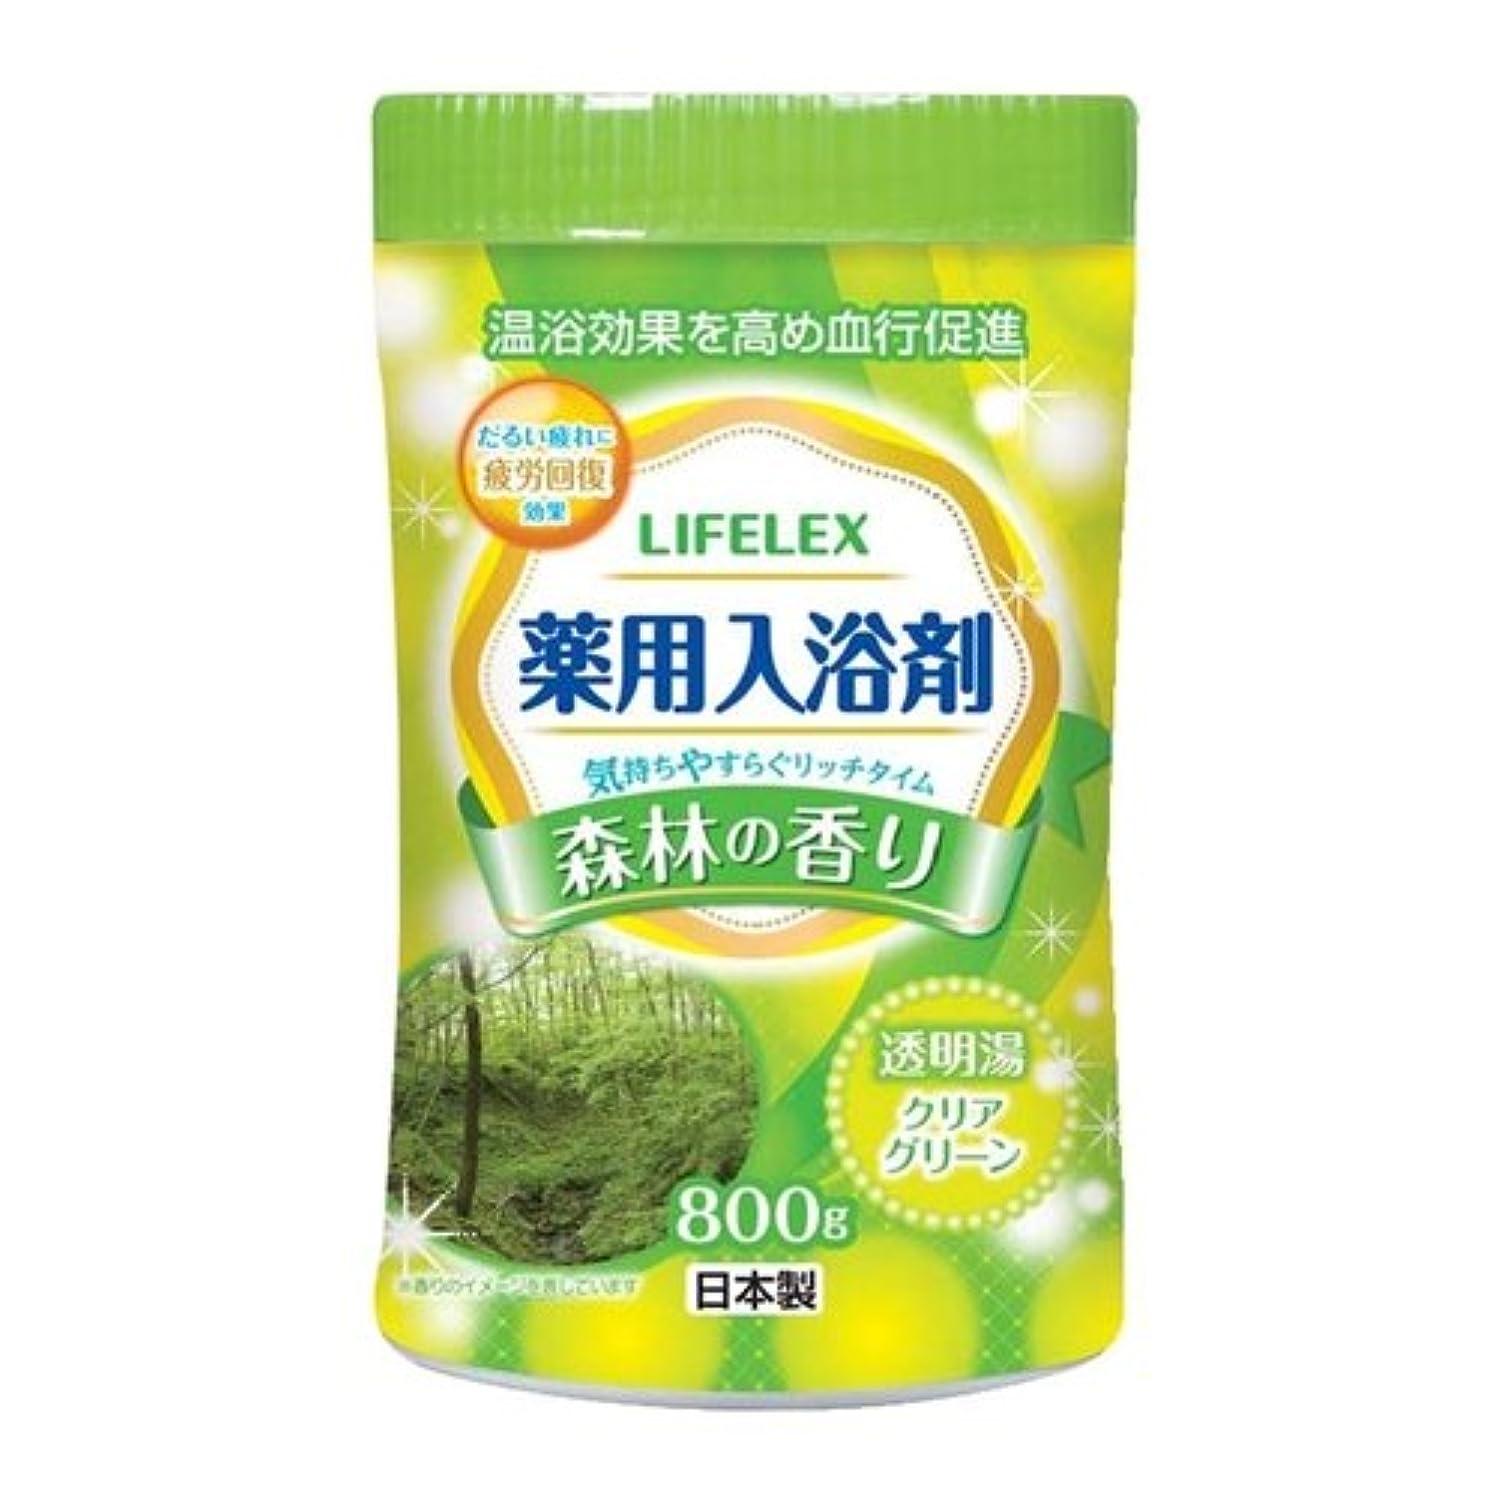 シャイニング配管マルクス主義コーナンオリジナル 薬用入浴剤 森林の香り 800g